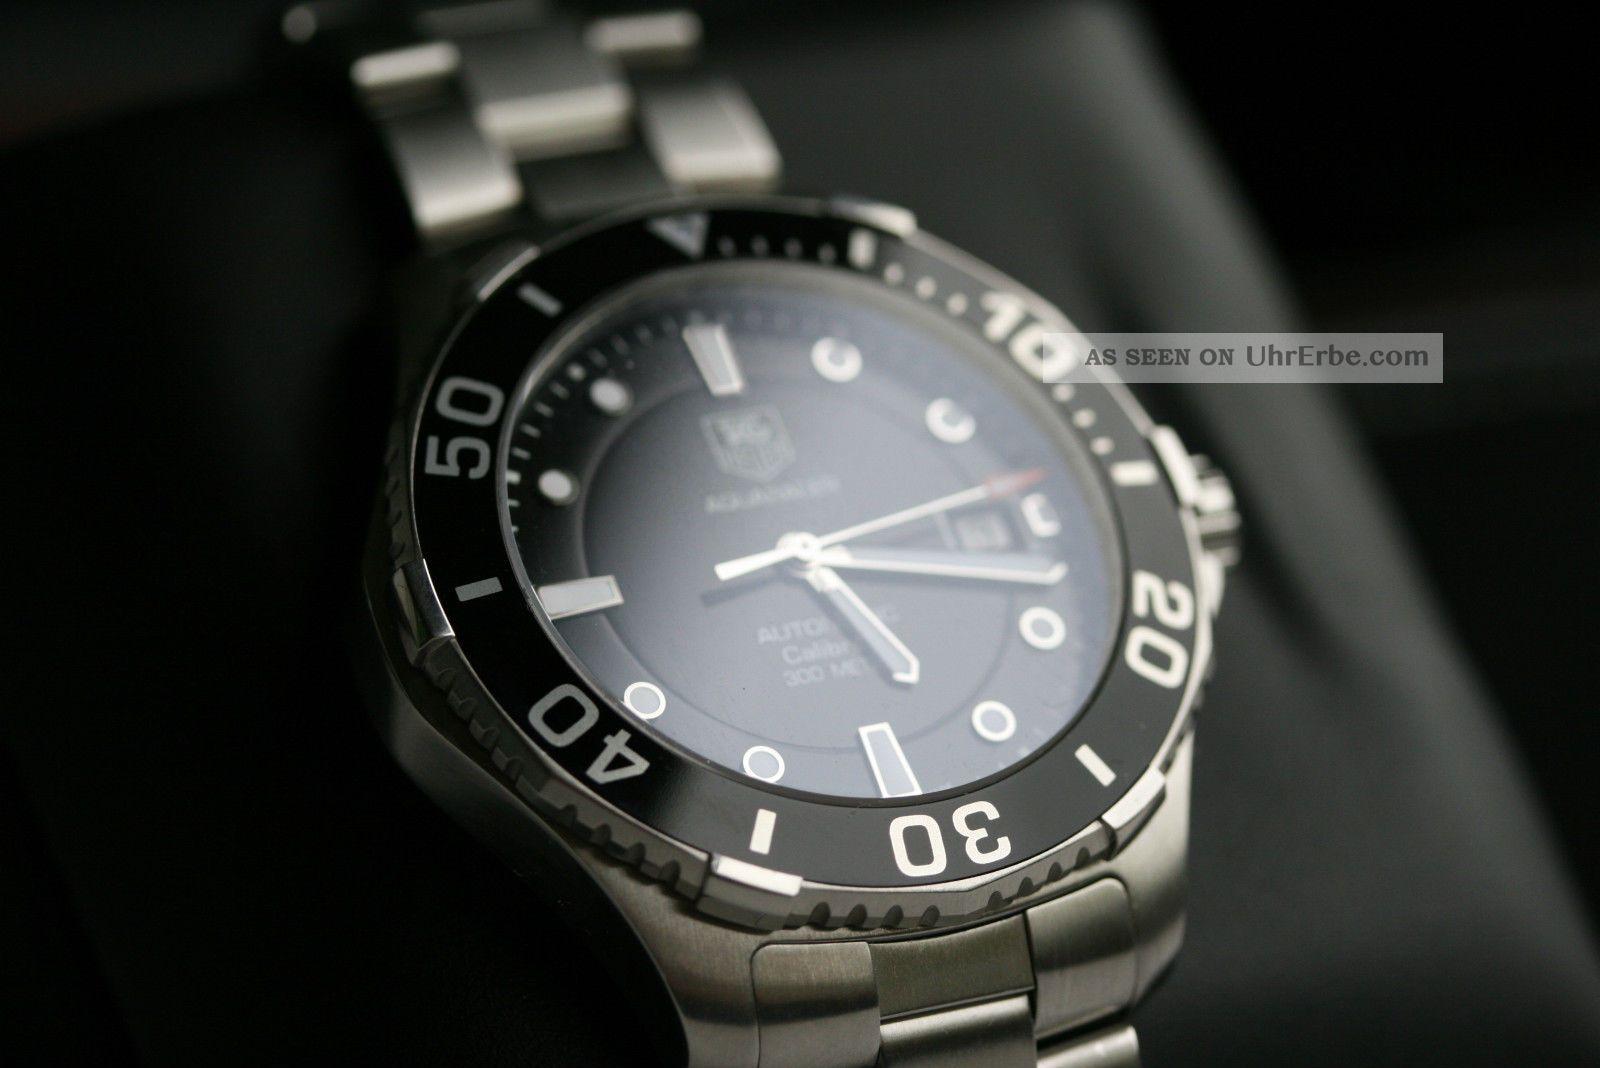 Tag Heuer Aquaracer 300m Taucheruhr Armbanduhren Bild